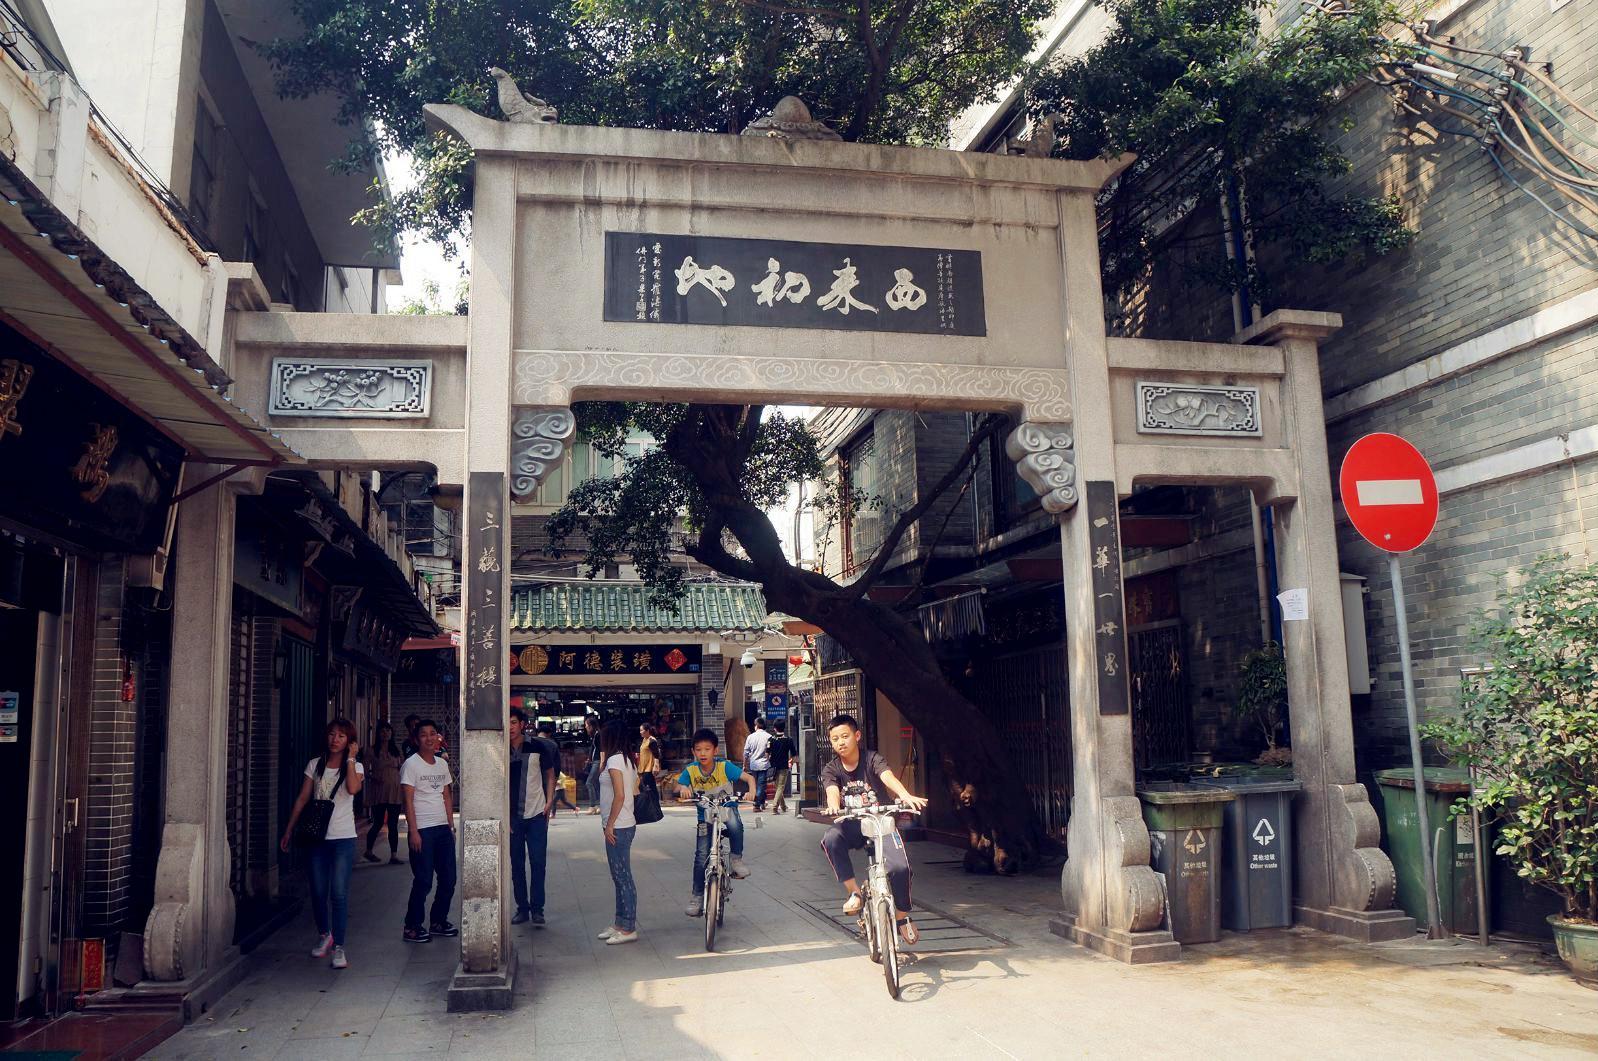 广州小众景点、人文景观一日游 发现不一样的广州